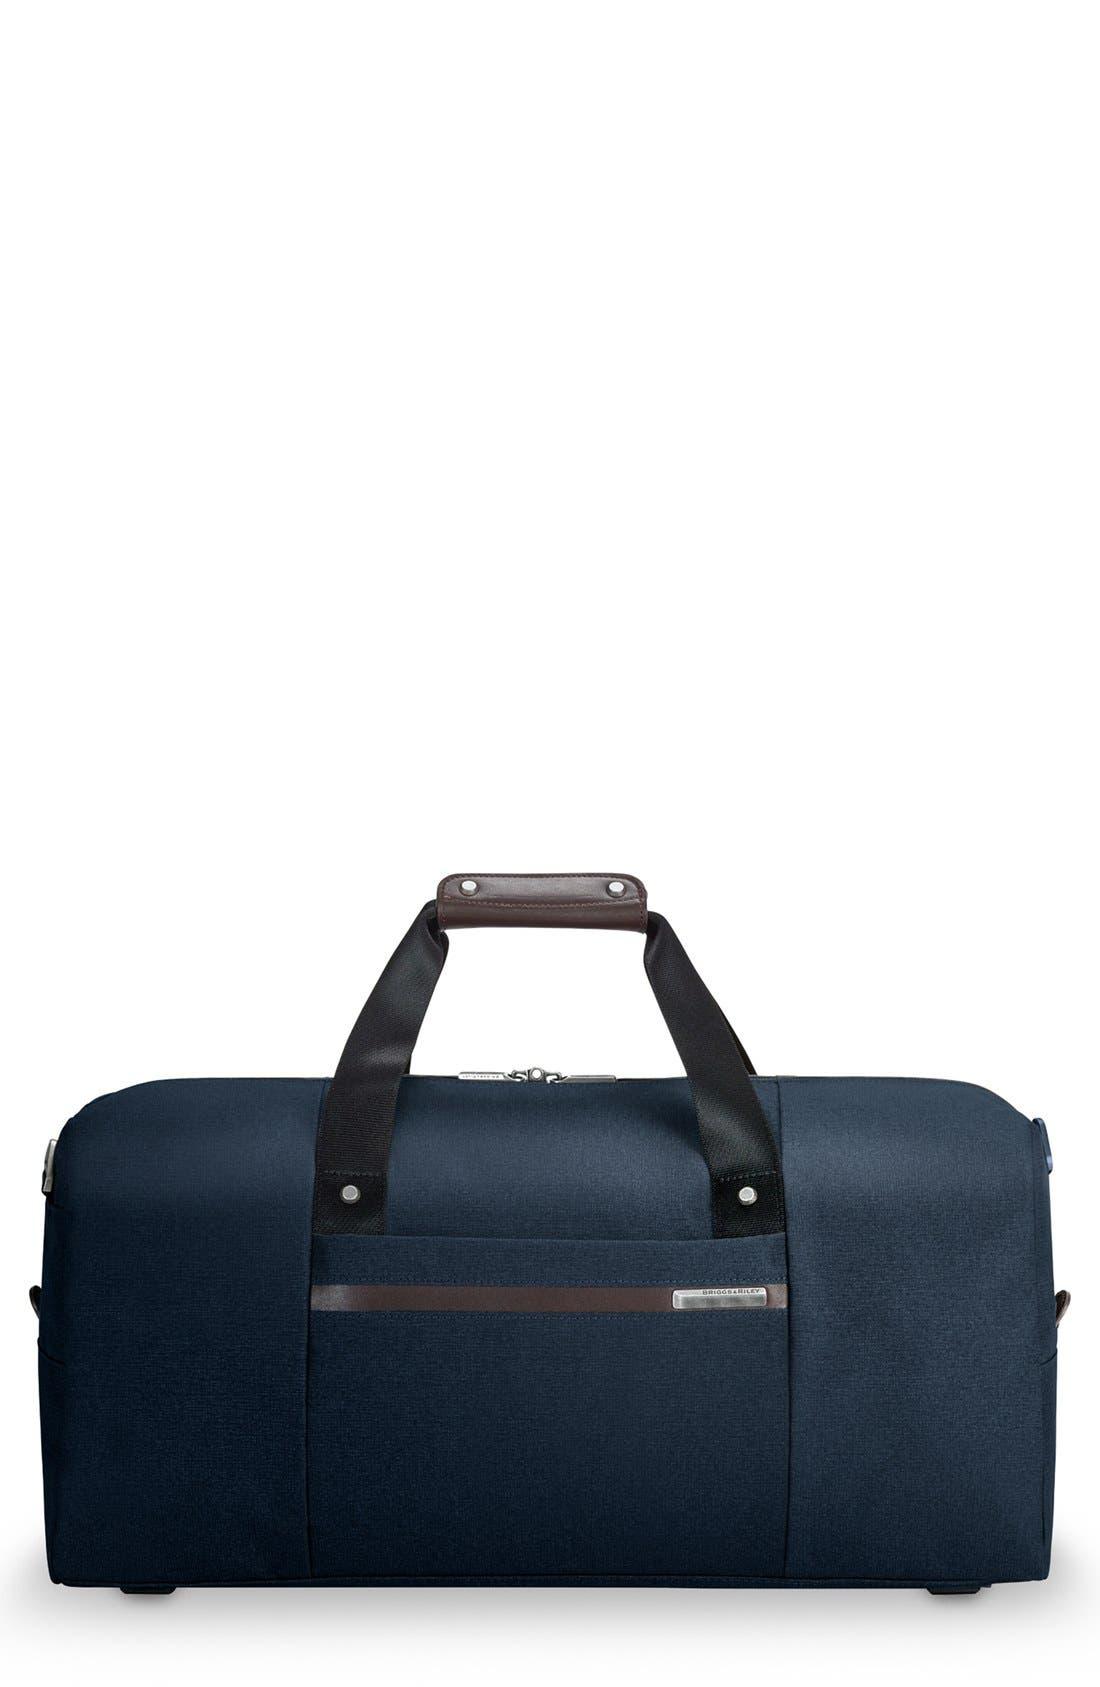 BRIGGS & RILEY Kinzie Street - Simple Duffel Bag